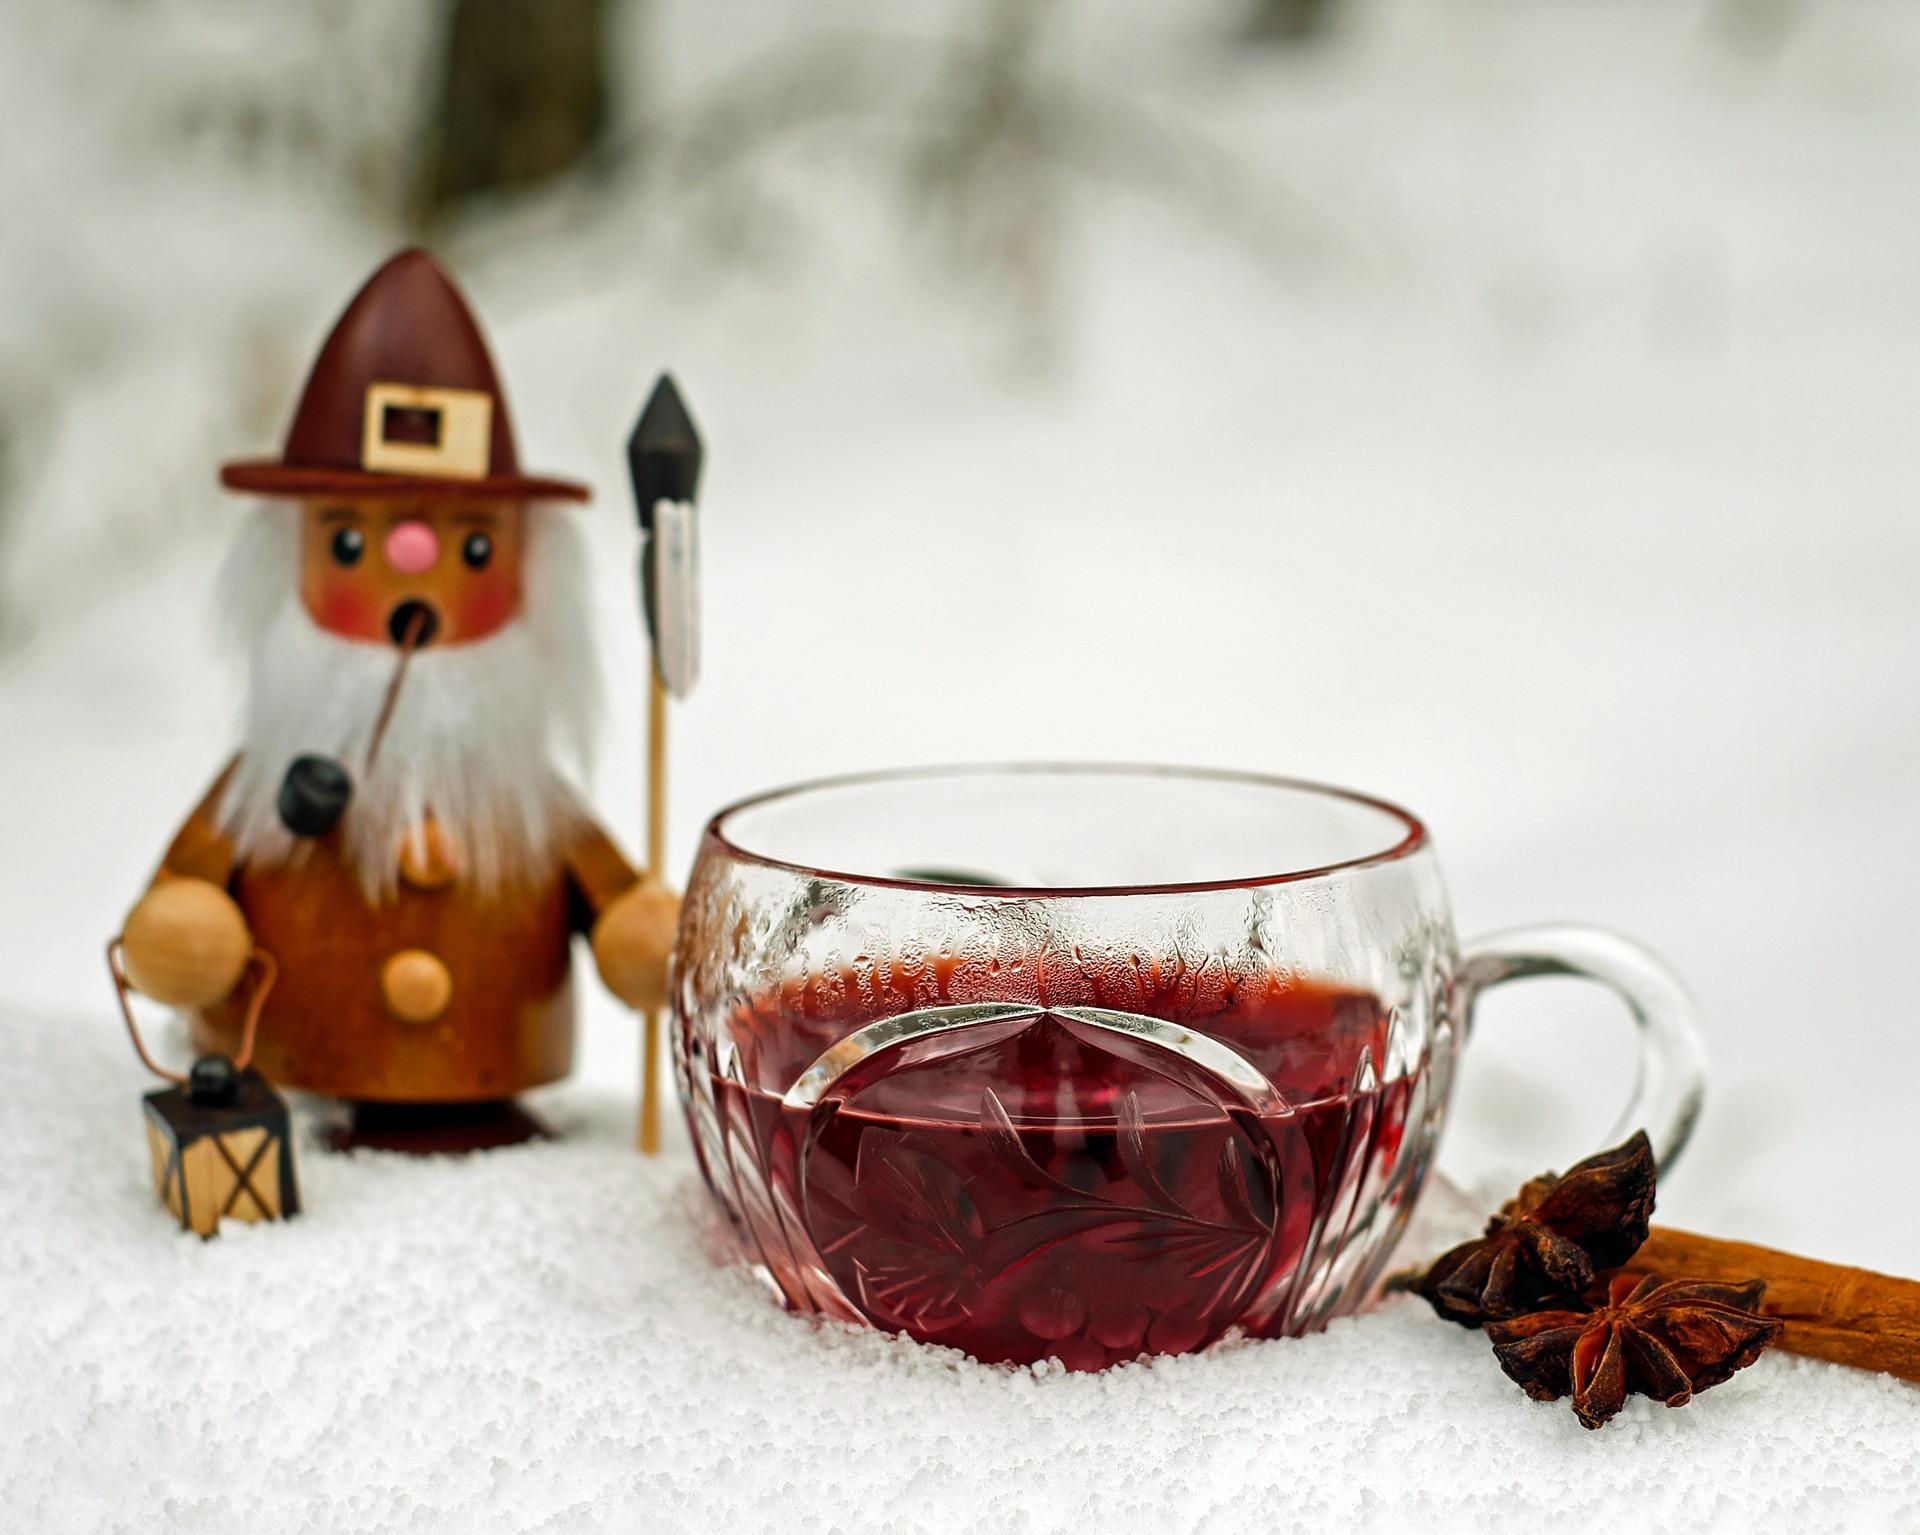 法式香料熱紅酒 Mulled Wine